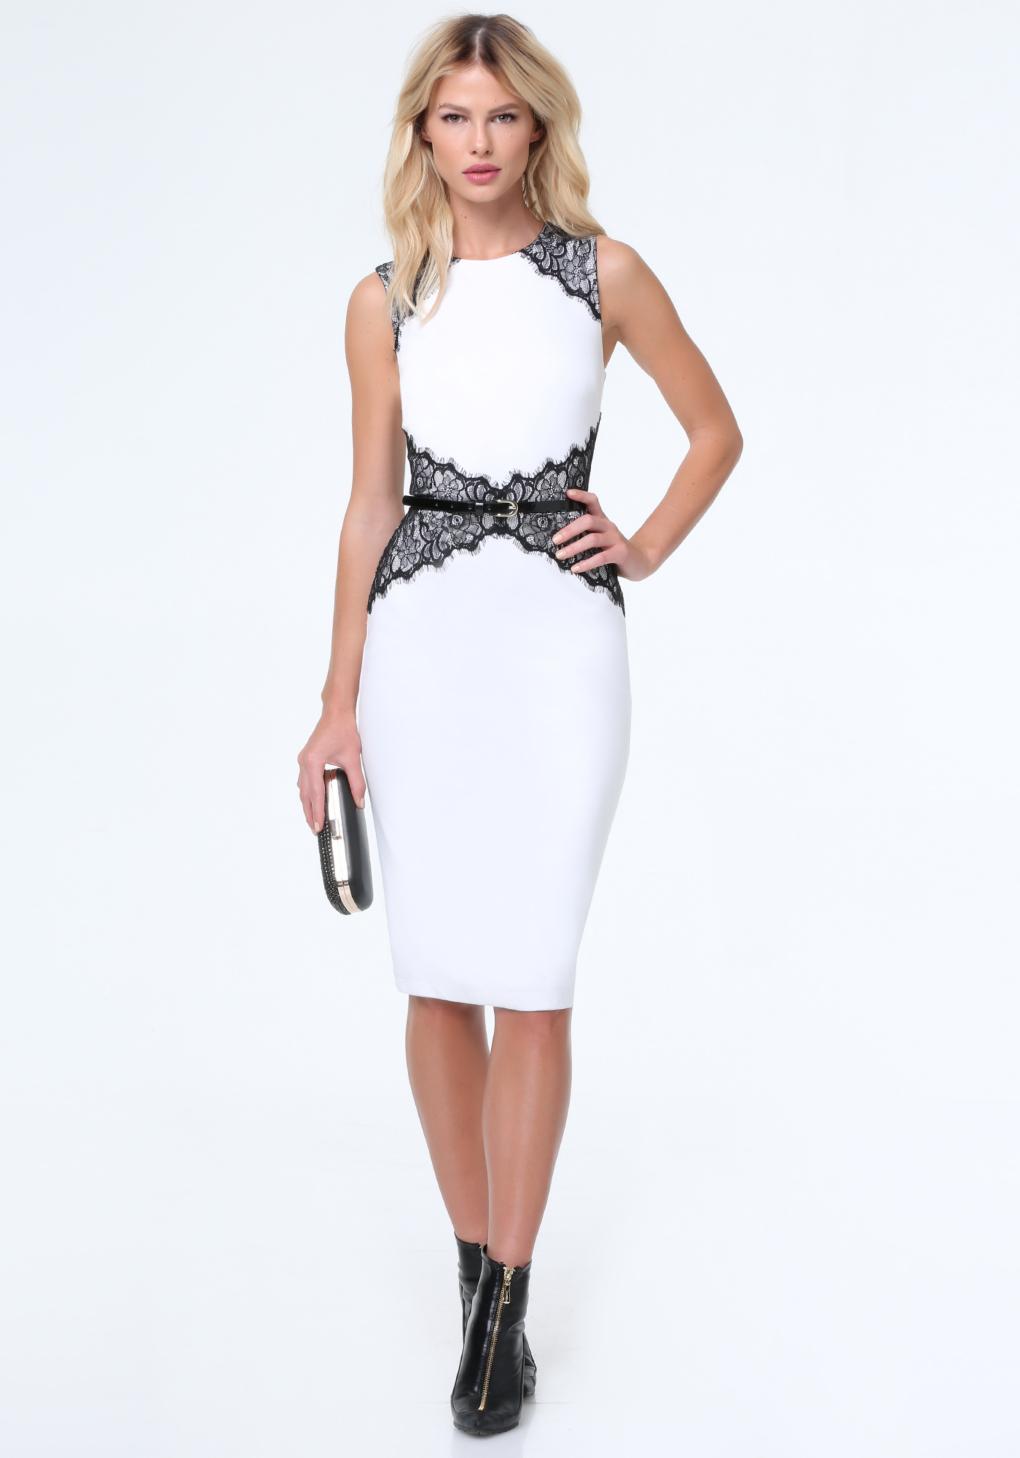 lace lingerie dress - photo #19